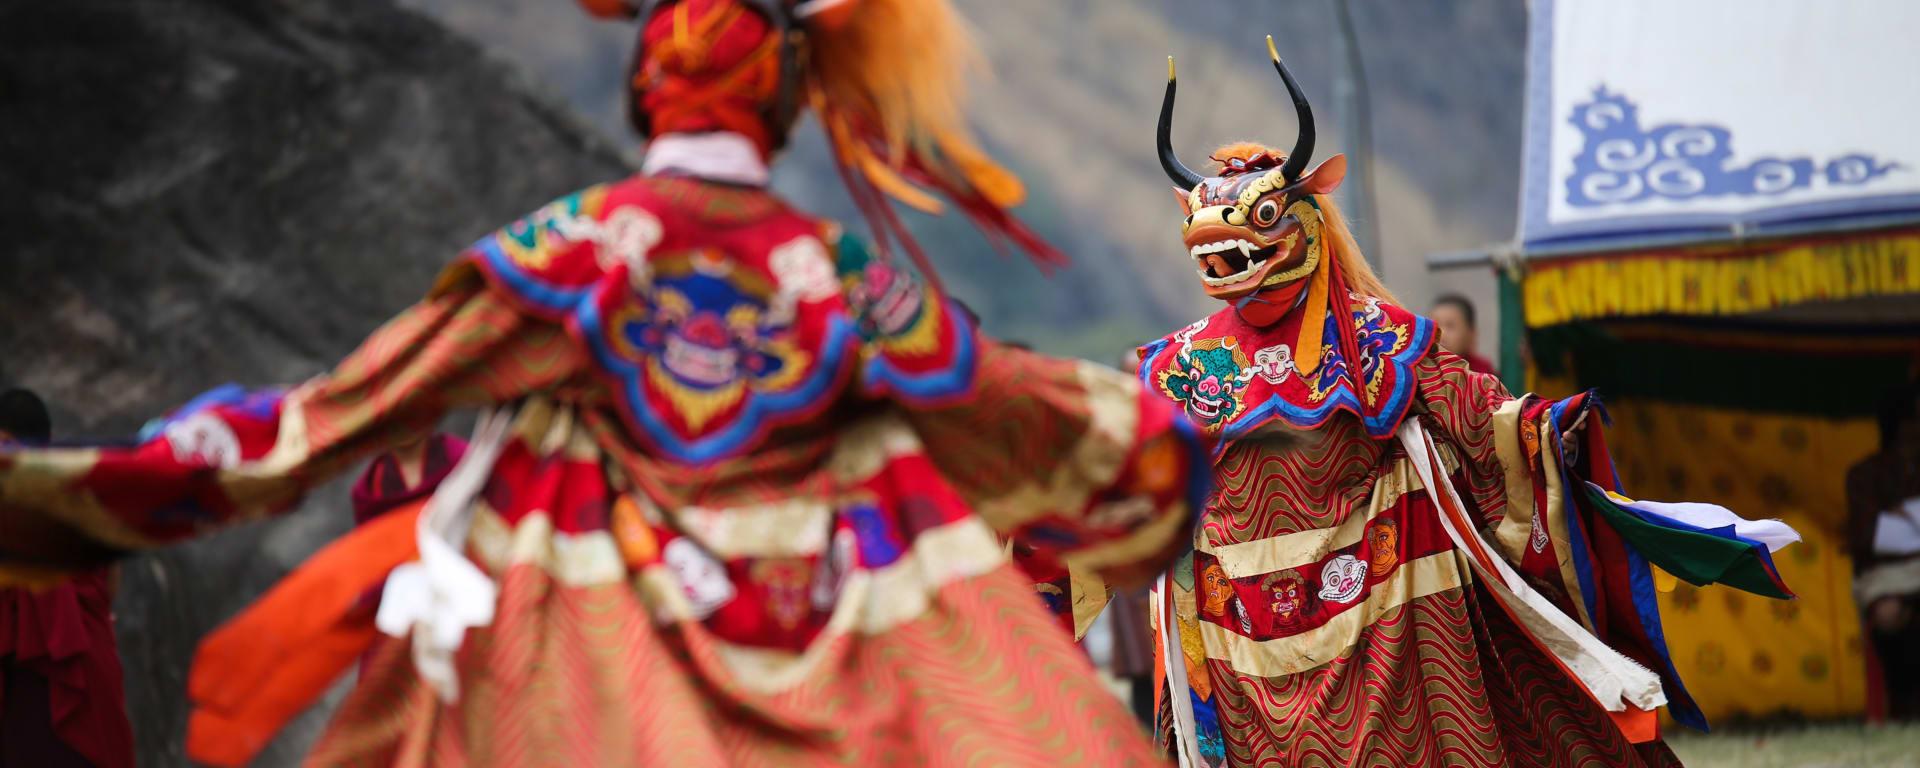 Bhutan entdecken mit Tischler Reisen: Bhutan Paro Festival